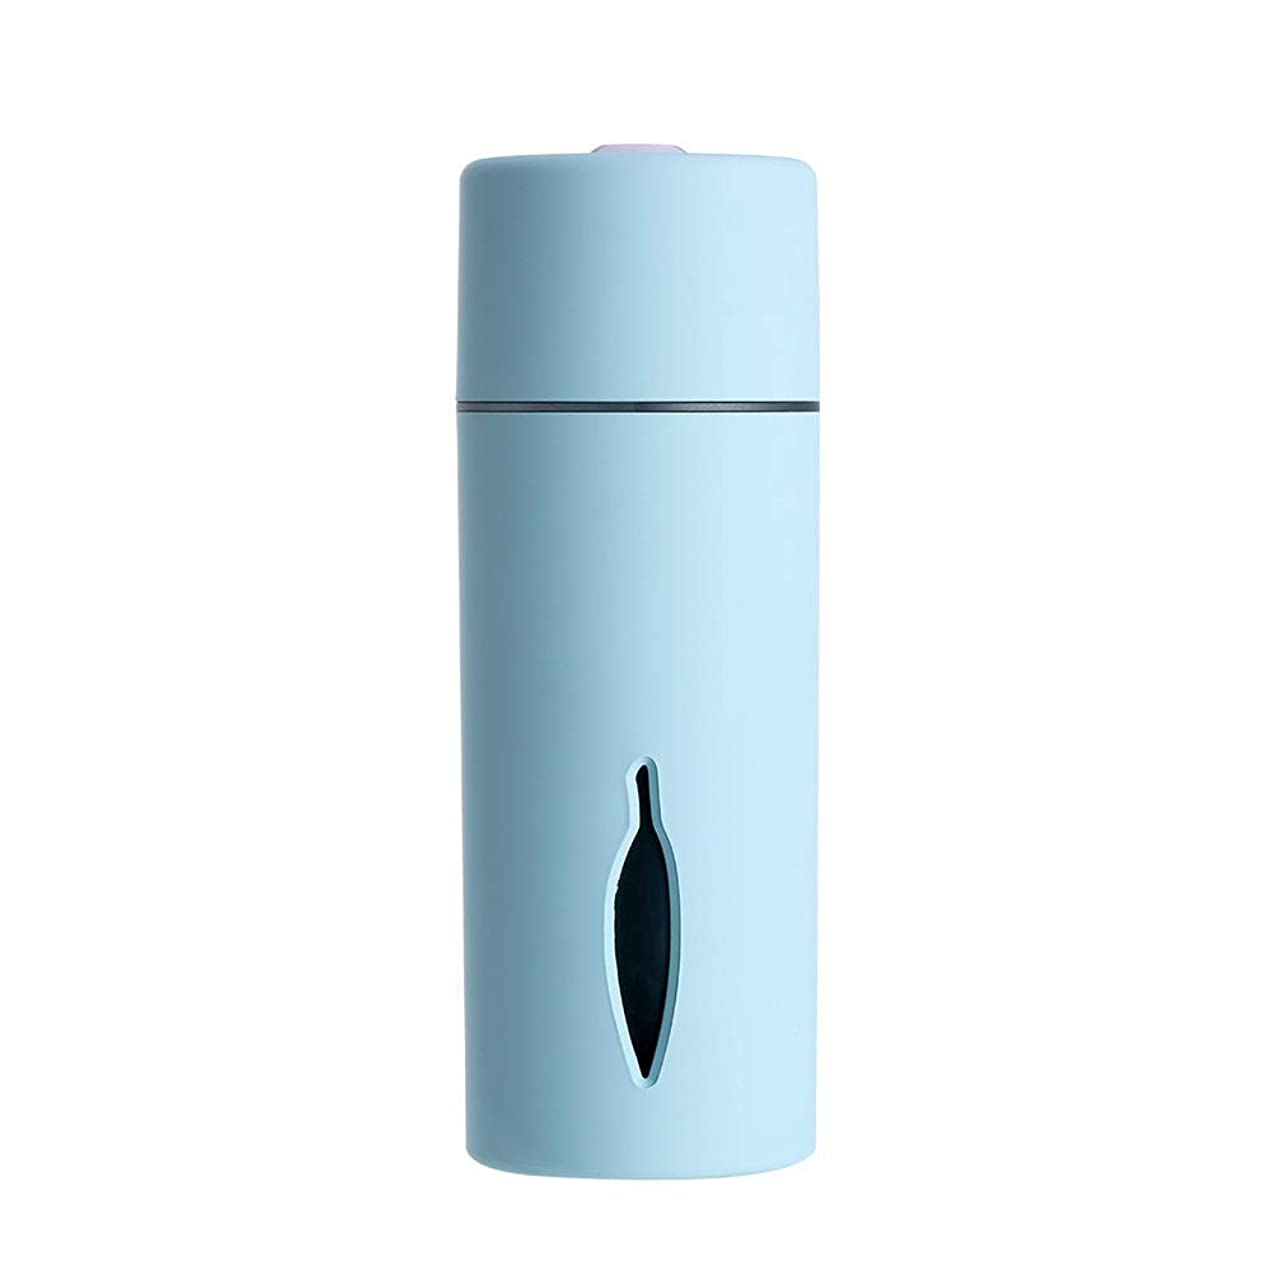 価値姉妹エイリアスZXF クリエイティブ新しいカラフルな夜の光の葉加湿器usb車のミニホームスプレー楽器水道メーターブルーセクションピンク 滑らかである (色 : Blue)